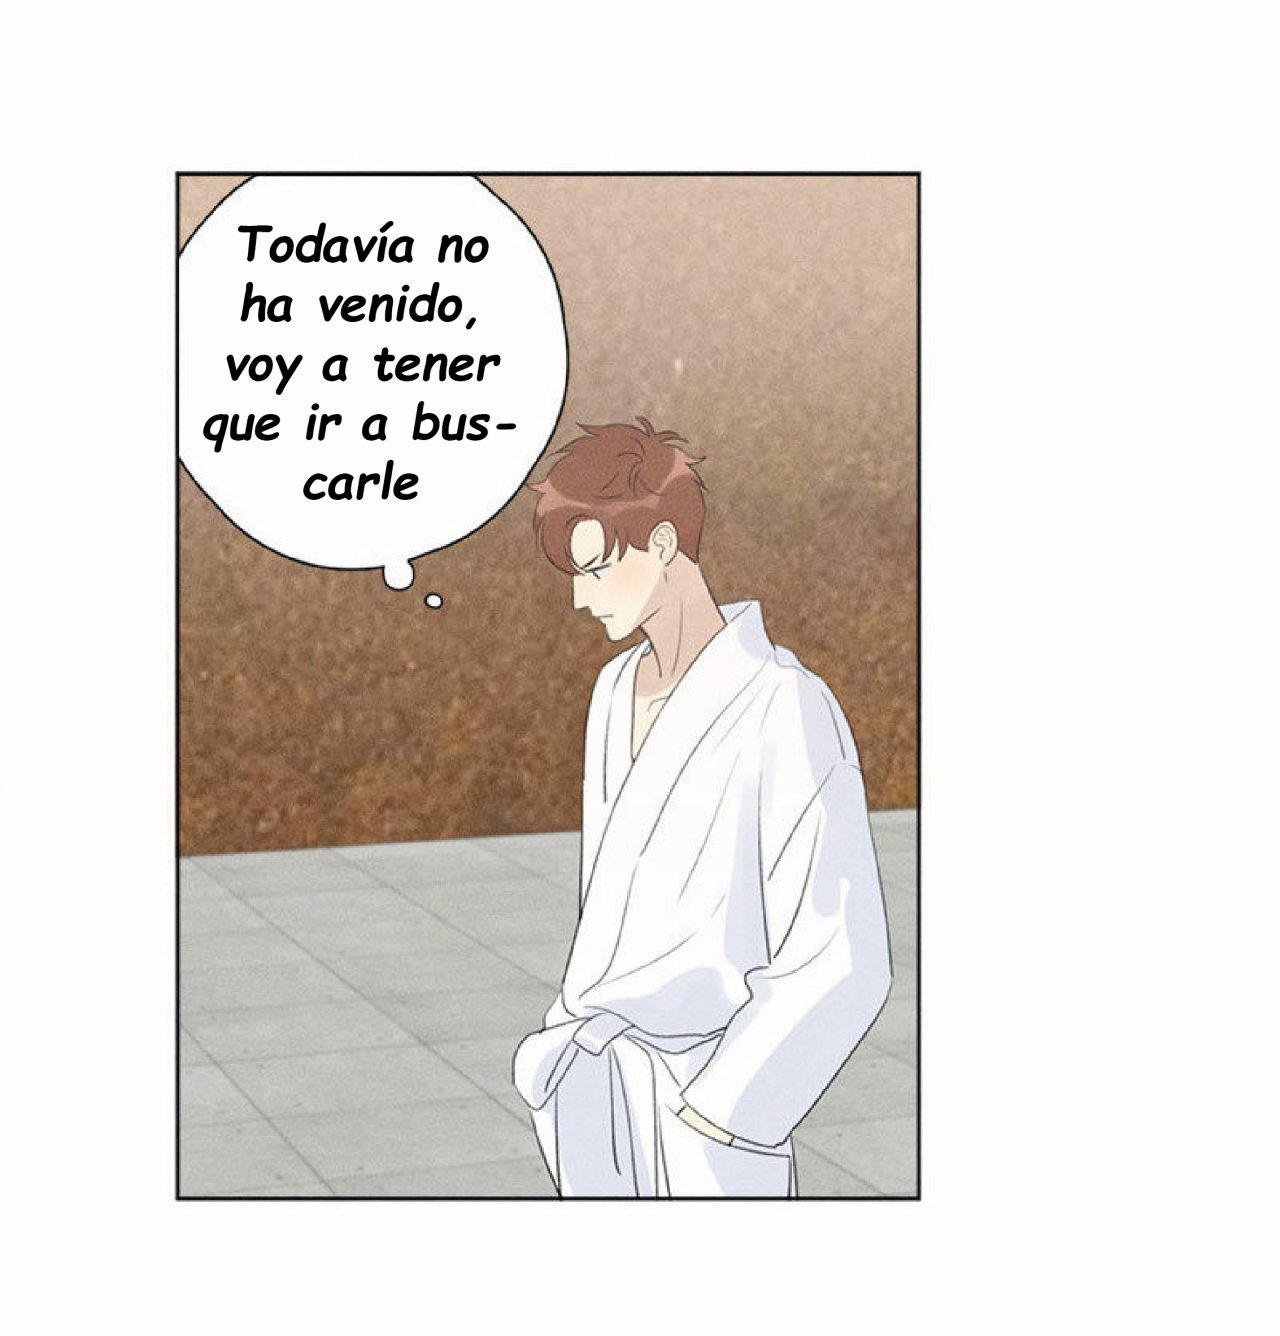 https://nine.mangadogs.com/es_manga/pic8/29/24925/946329/2d676aeab38fa3680f4369dbbd4f3e52.jpg Page 19